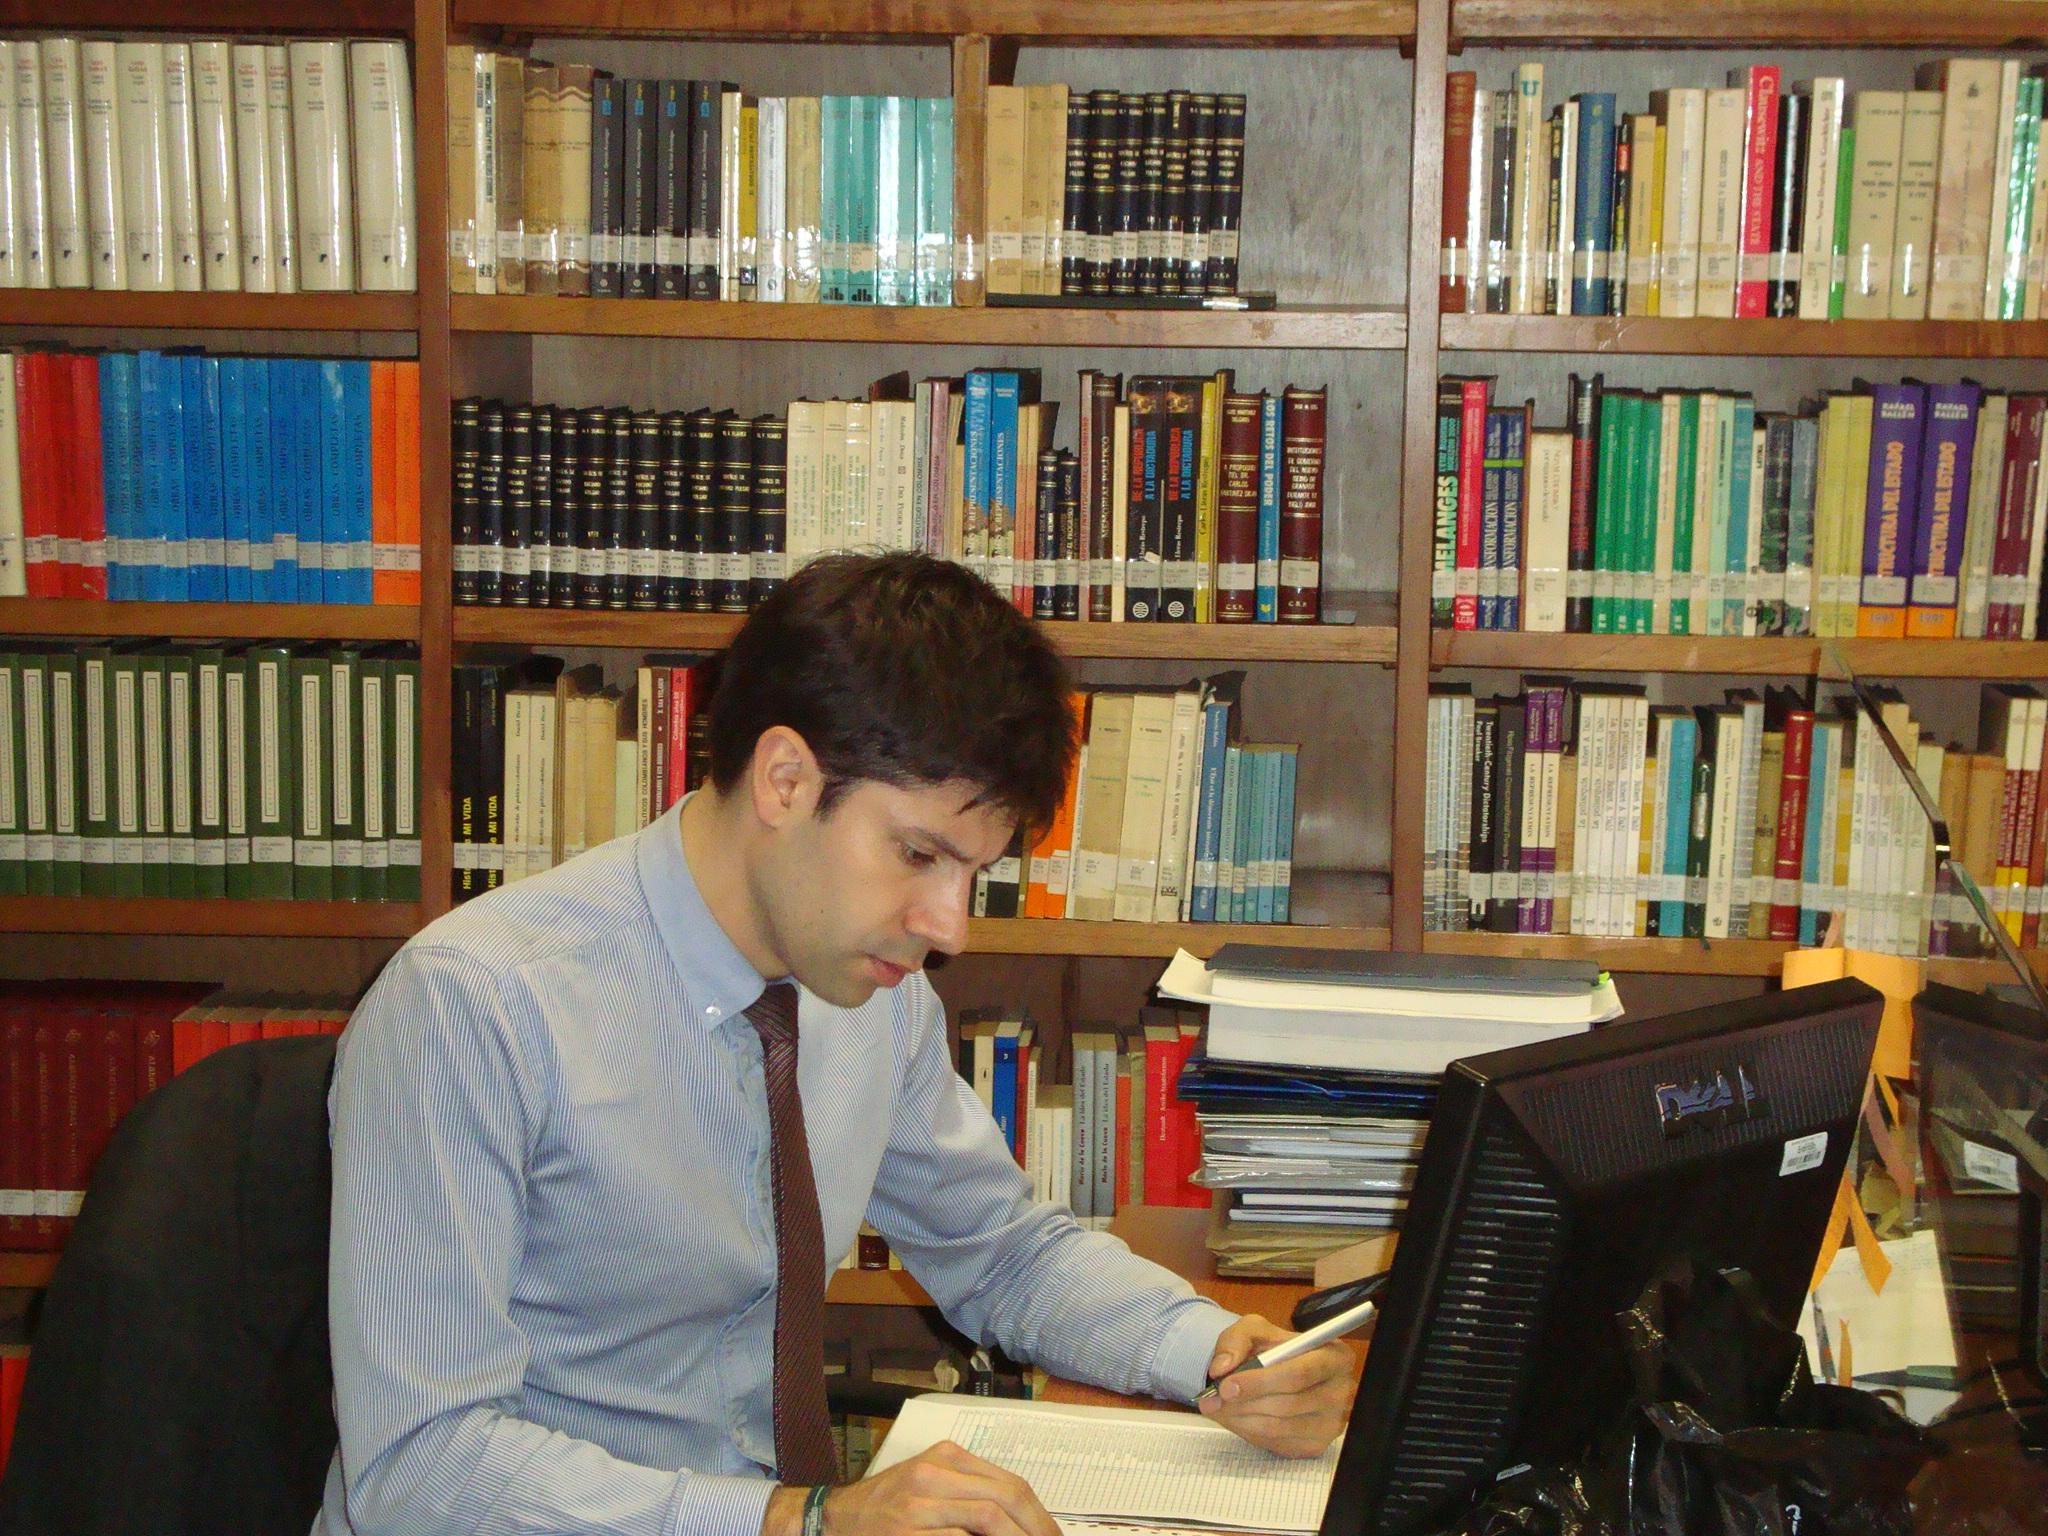 Diego Andrés González Medina